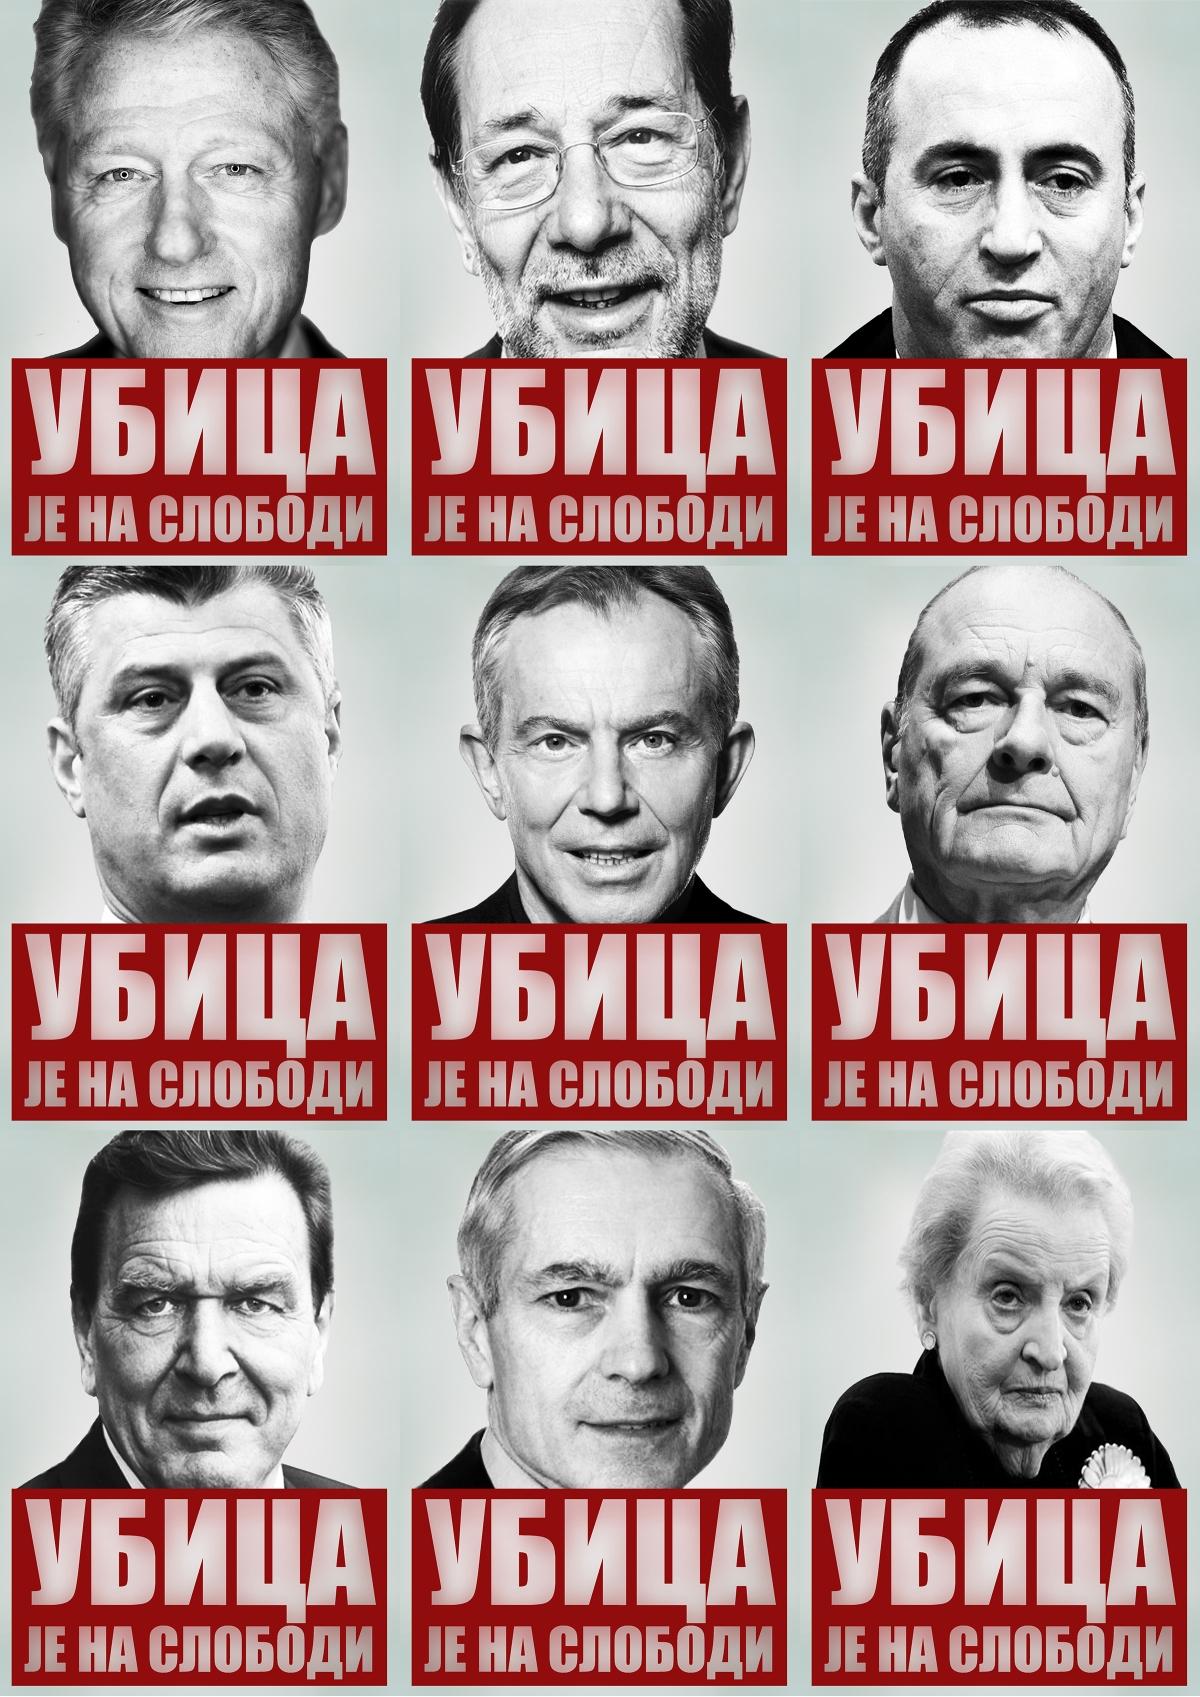 1998/1999 Die NATO brauchte Krieg und das um jedenPreis….